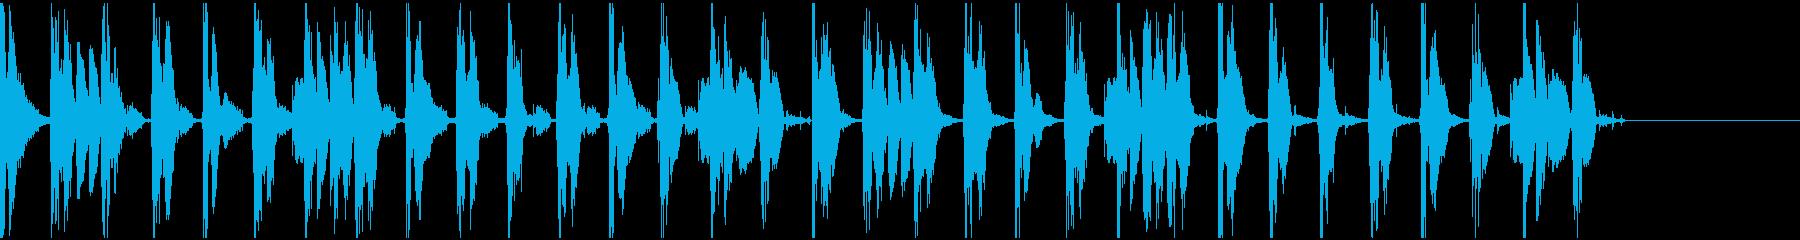 【エレクトロニカ】ロング5、ショート1の再生済みの波形